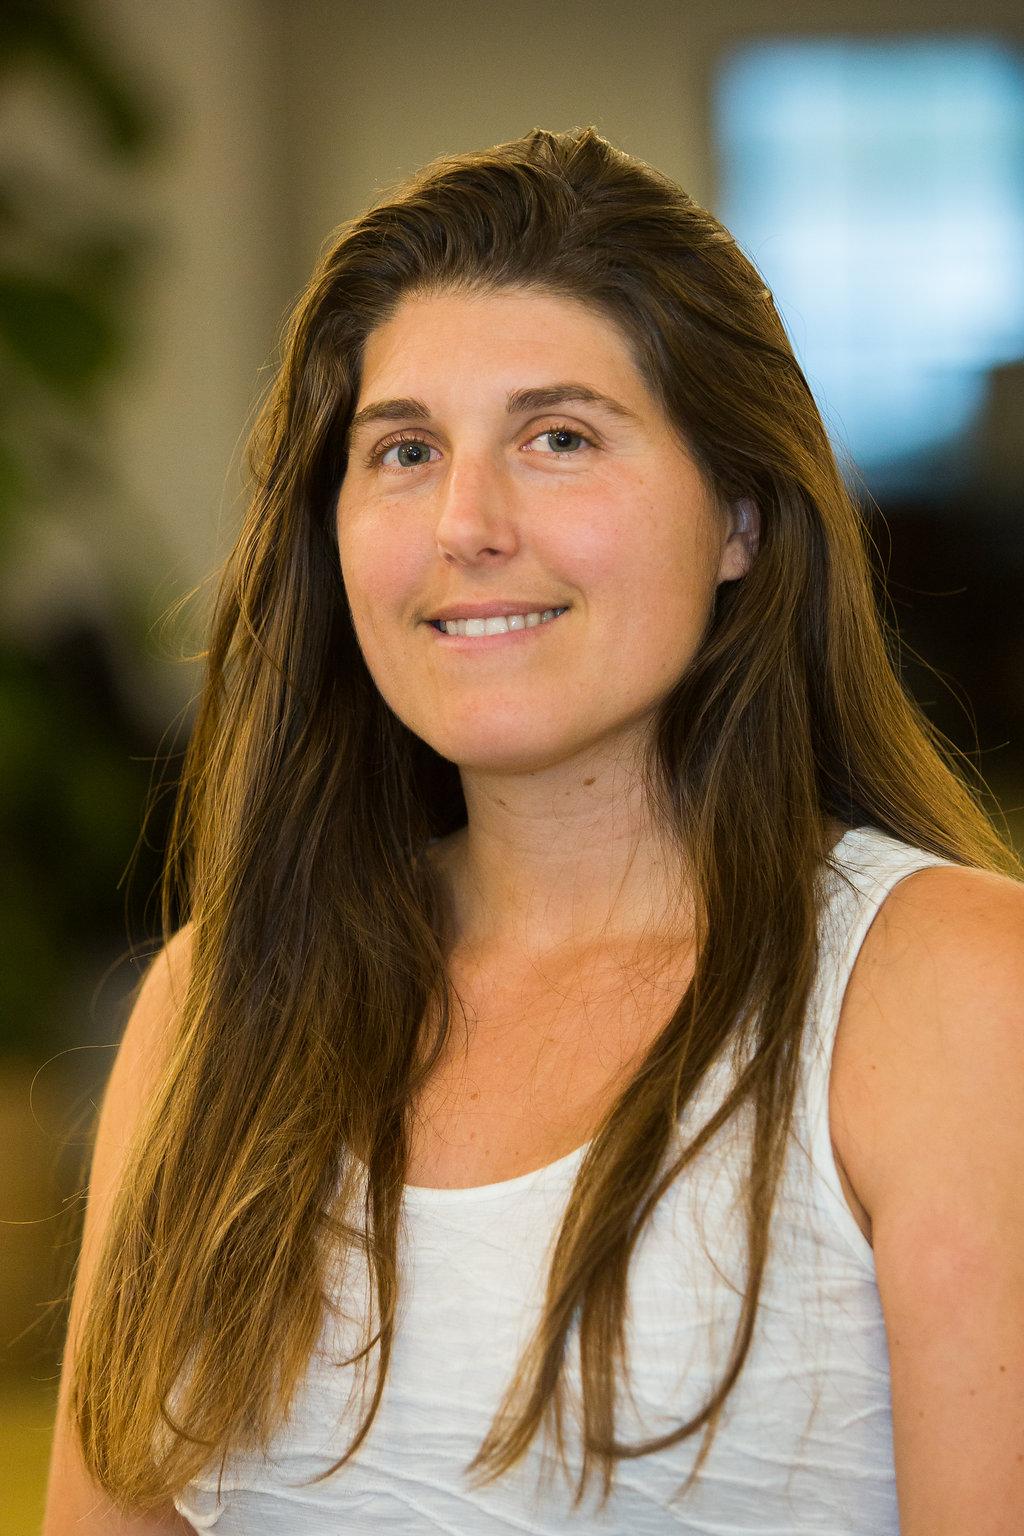 Katie Hershfelt